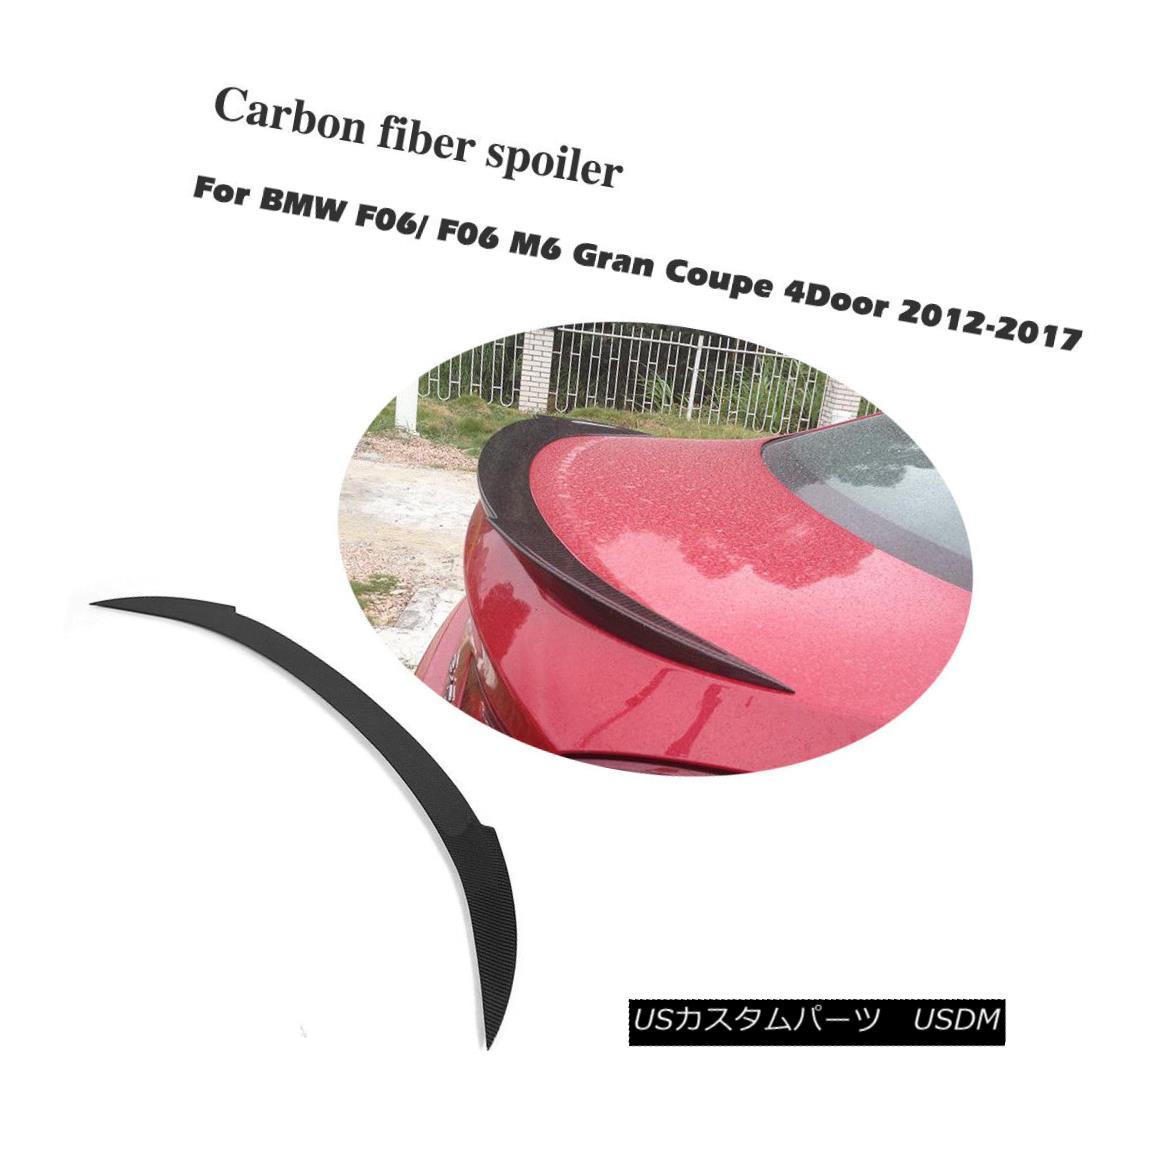 エアロパーツ Carbon Rear Boot Trunk Spoiler Lid Fit for BMW F06 / F06 M6 Gran Coupe 2013-2016 BMW F06 / F06 M6グランクーペ2013-2016用カーボンリアブーツトランク・スポイラー・リッド・フィット